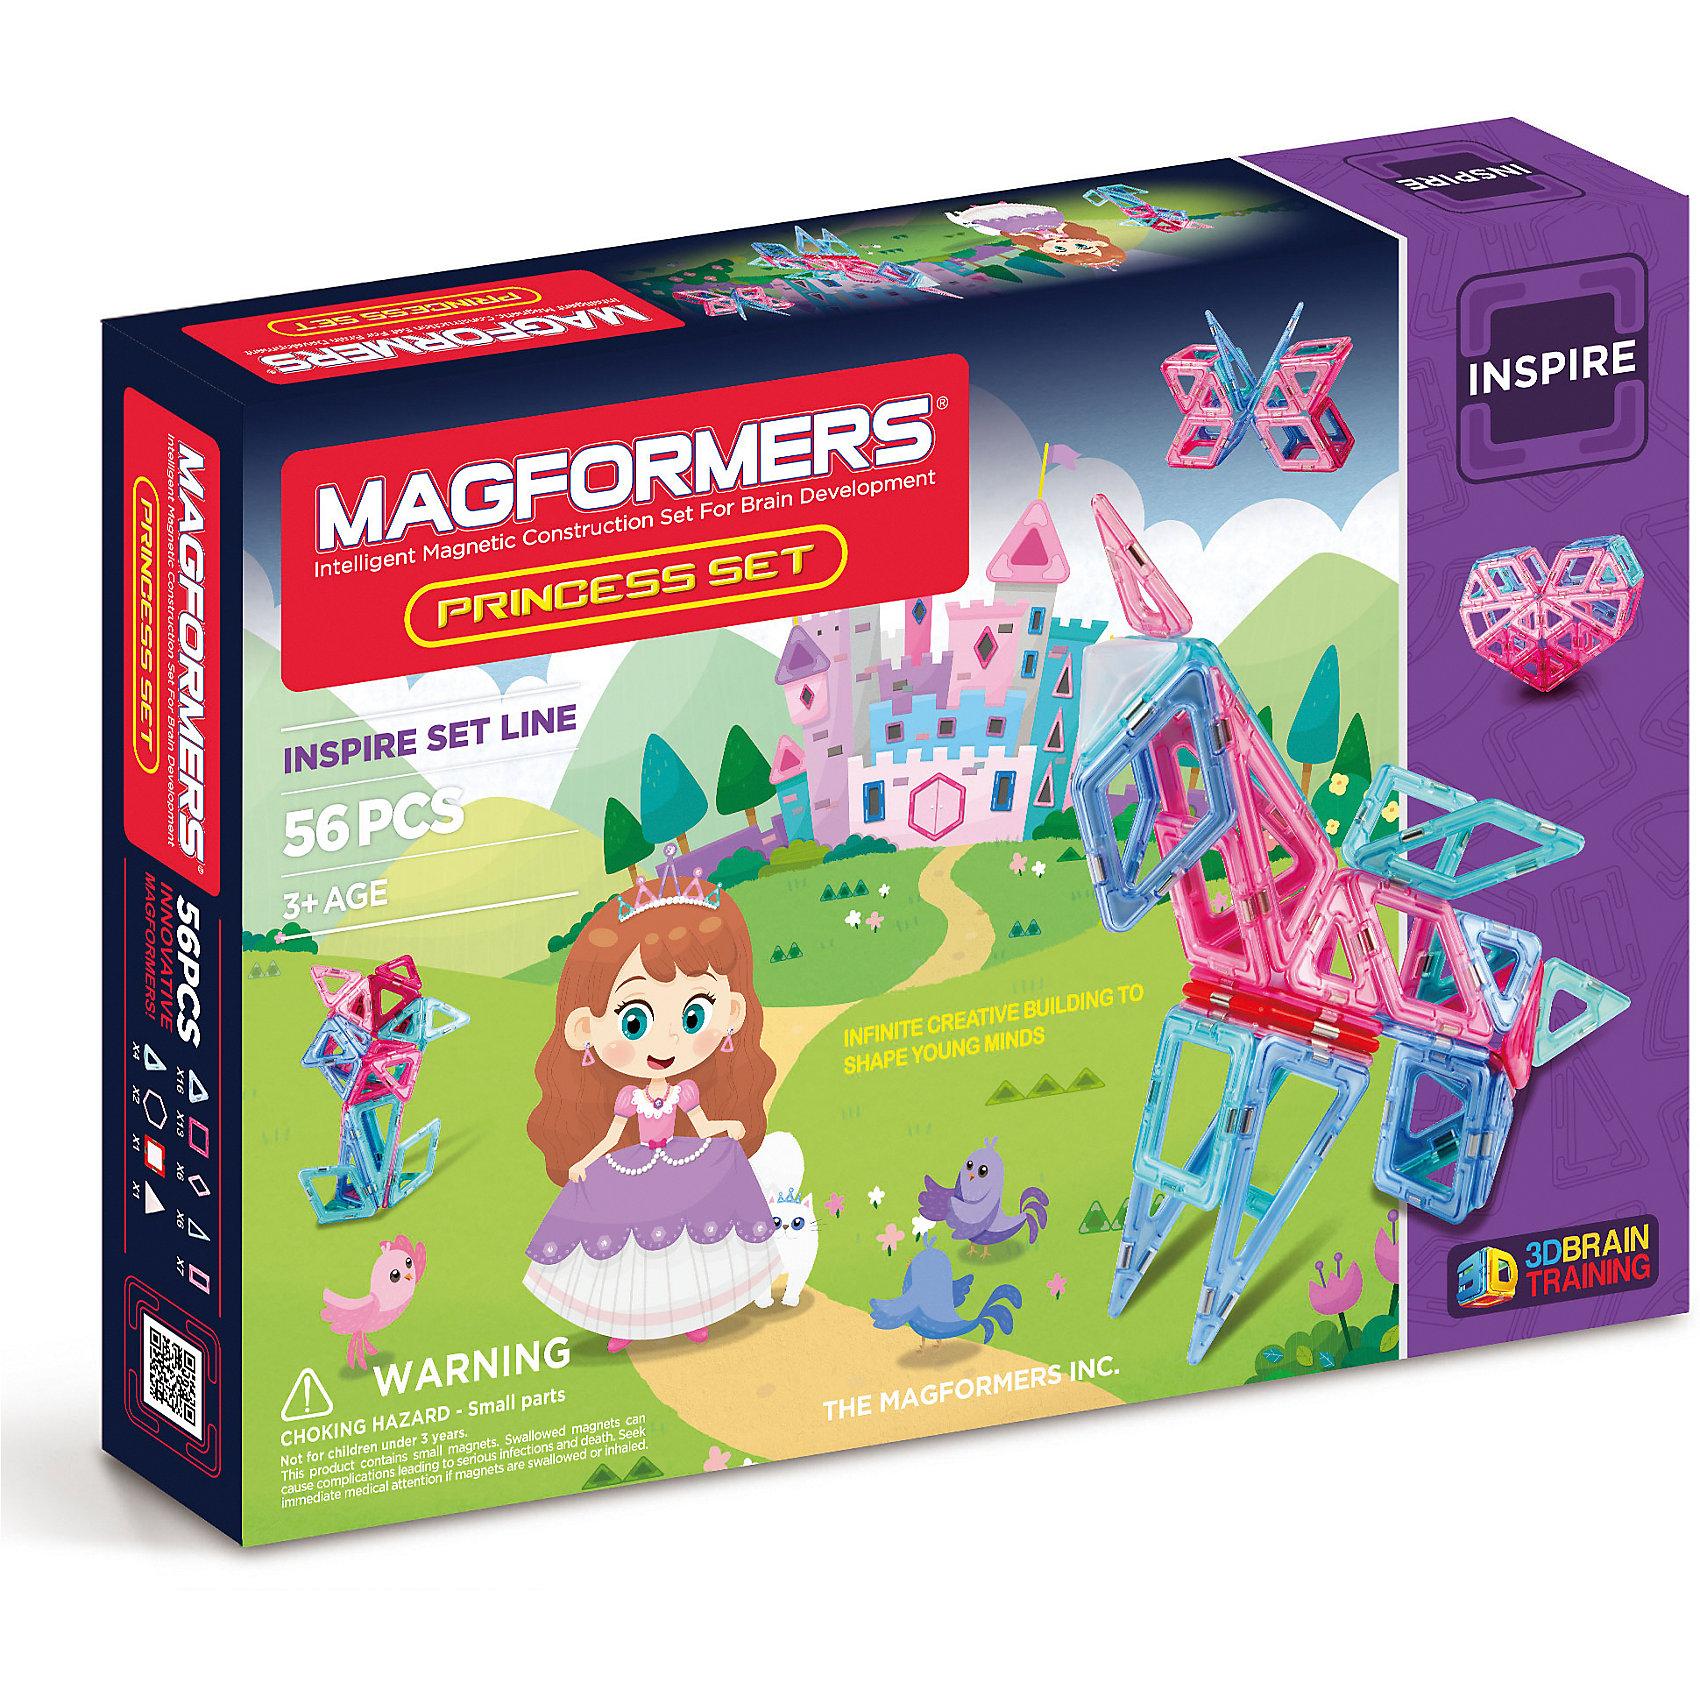 Магнитный конструктор Princess Set, MAGFORMERSЧтобы удивить и порадовать свою маленькую принцессу, купите ей конструктор Princess Set от бренда Магформерс. Данный конструктор, несомненно, понравится малышкам от 1-го года. <br>Элементы набора выполнены в мягких пастельных оттенках, которые нравятся девочкам. Также конструктор содержит светорассеивающую пирамидку и элементы с подсветкой. <br>Собрав волшебный замок, единорога, сердце, цветок и любое друге изделие, можно включить светодиоды и наслаждаться волшебными огоньками подсветки. <br><br>Дополнительная информация:<br><br>- Количество деталей: 56 шт. <br>- Треугольники: 16 шт. <br>- Равнобедренные треугольники: 6 шт. <br>- Квадраты: 13 шт. <br>- Минипрямоугольники: 7 шт. <br>- Ромбы: 6 шт. <br>- Шестиугольники: 2 шт. <br>- Минисектор: 4 шт. <br>- Светодиод: 1 шт. <br>- Треугольная светорассеивающая пирамида: 1 шт. <br>- Возраст: от 1 года <br>- Материал: высококачественный пластик <br>- Размер упаковки: 54х31х10 см <br>- Вес в упаковке: 1.5 кг. <br><br>Купить магнитный конструктор Princess Set MAGFORMERS можно в нашем магазине.<br><br>Ширина мм: 320<br>Глубина мм: 440<br>Высота мм: 60<br>Вес г: 1375<br>Возраст от месяцев: 36<br>Возраст до месяцев: 192<br>Пол: Унисекс<br>Возраст: Детский<br>SKU: 4730850